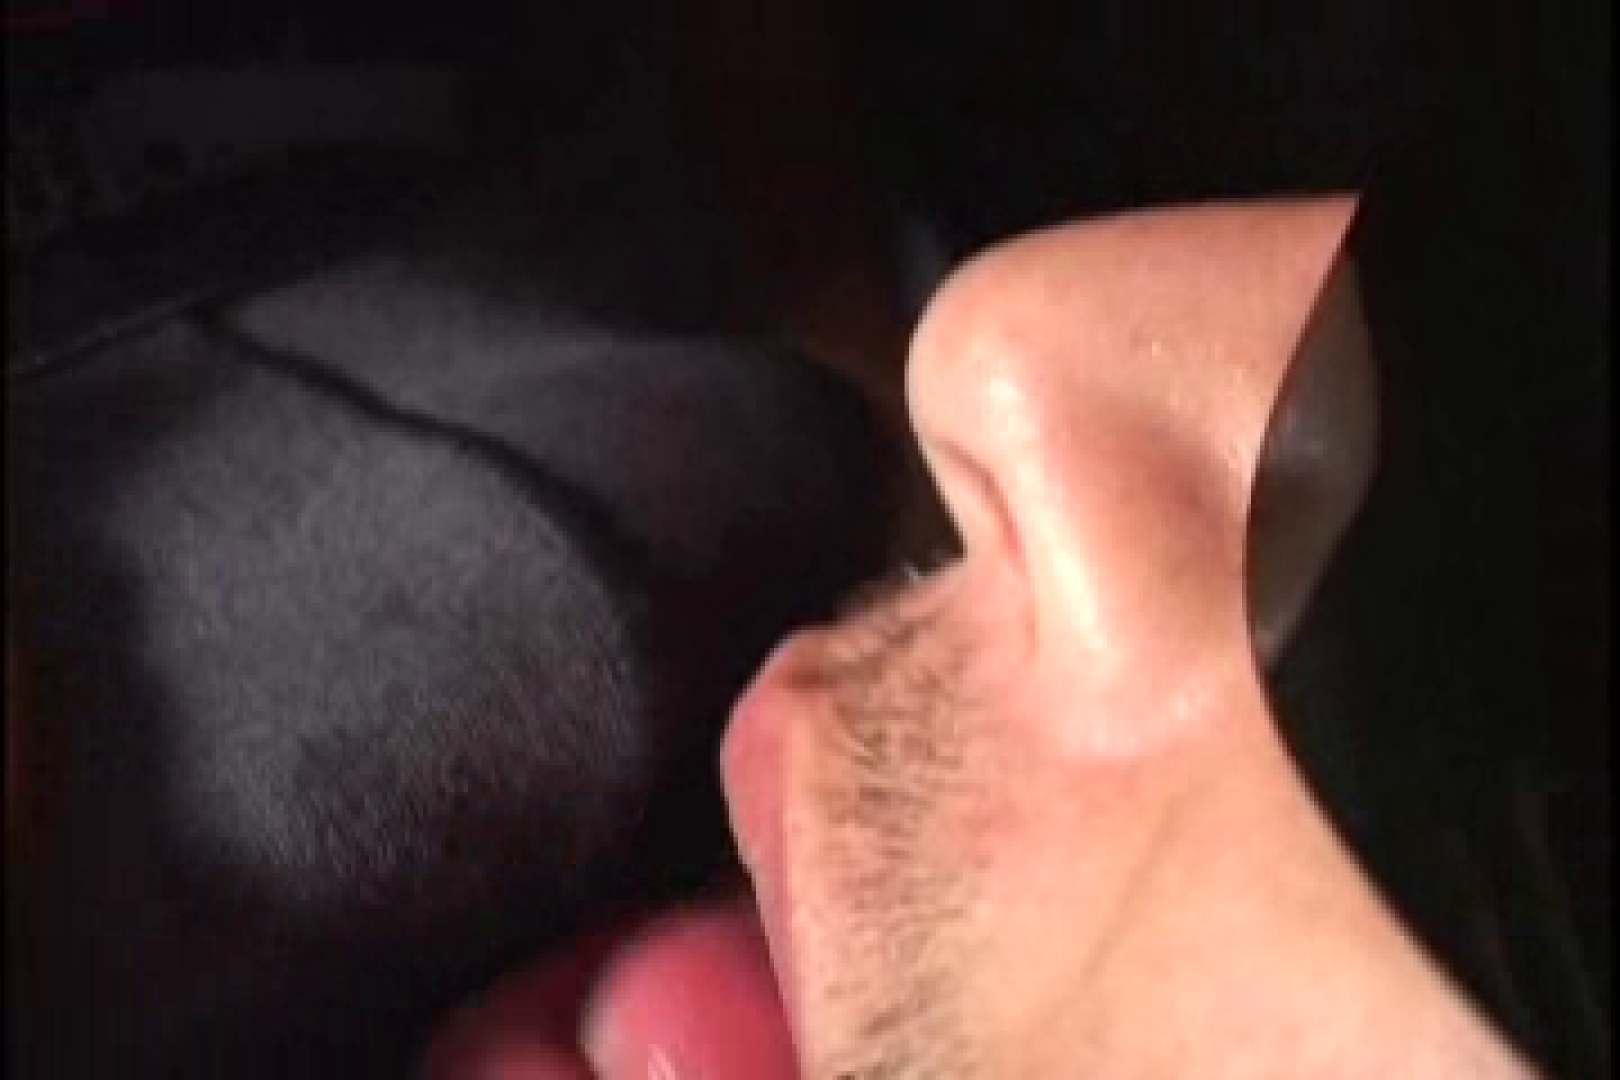 【期間限定】大集合!!カッコ可愛いメンズの一穴入根!!vol59 オナニー アダルトビデオ画像キャプチャ 103枚 33